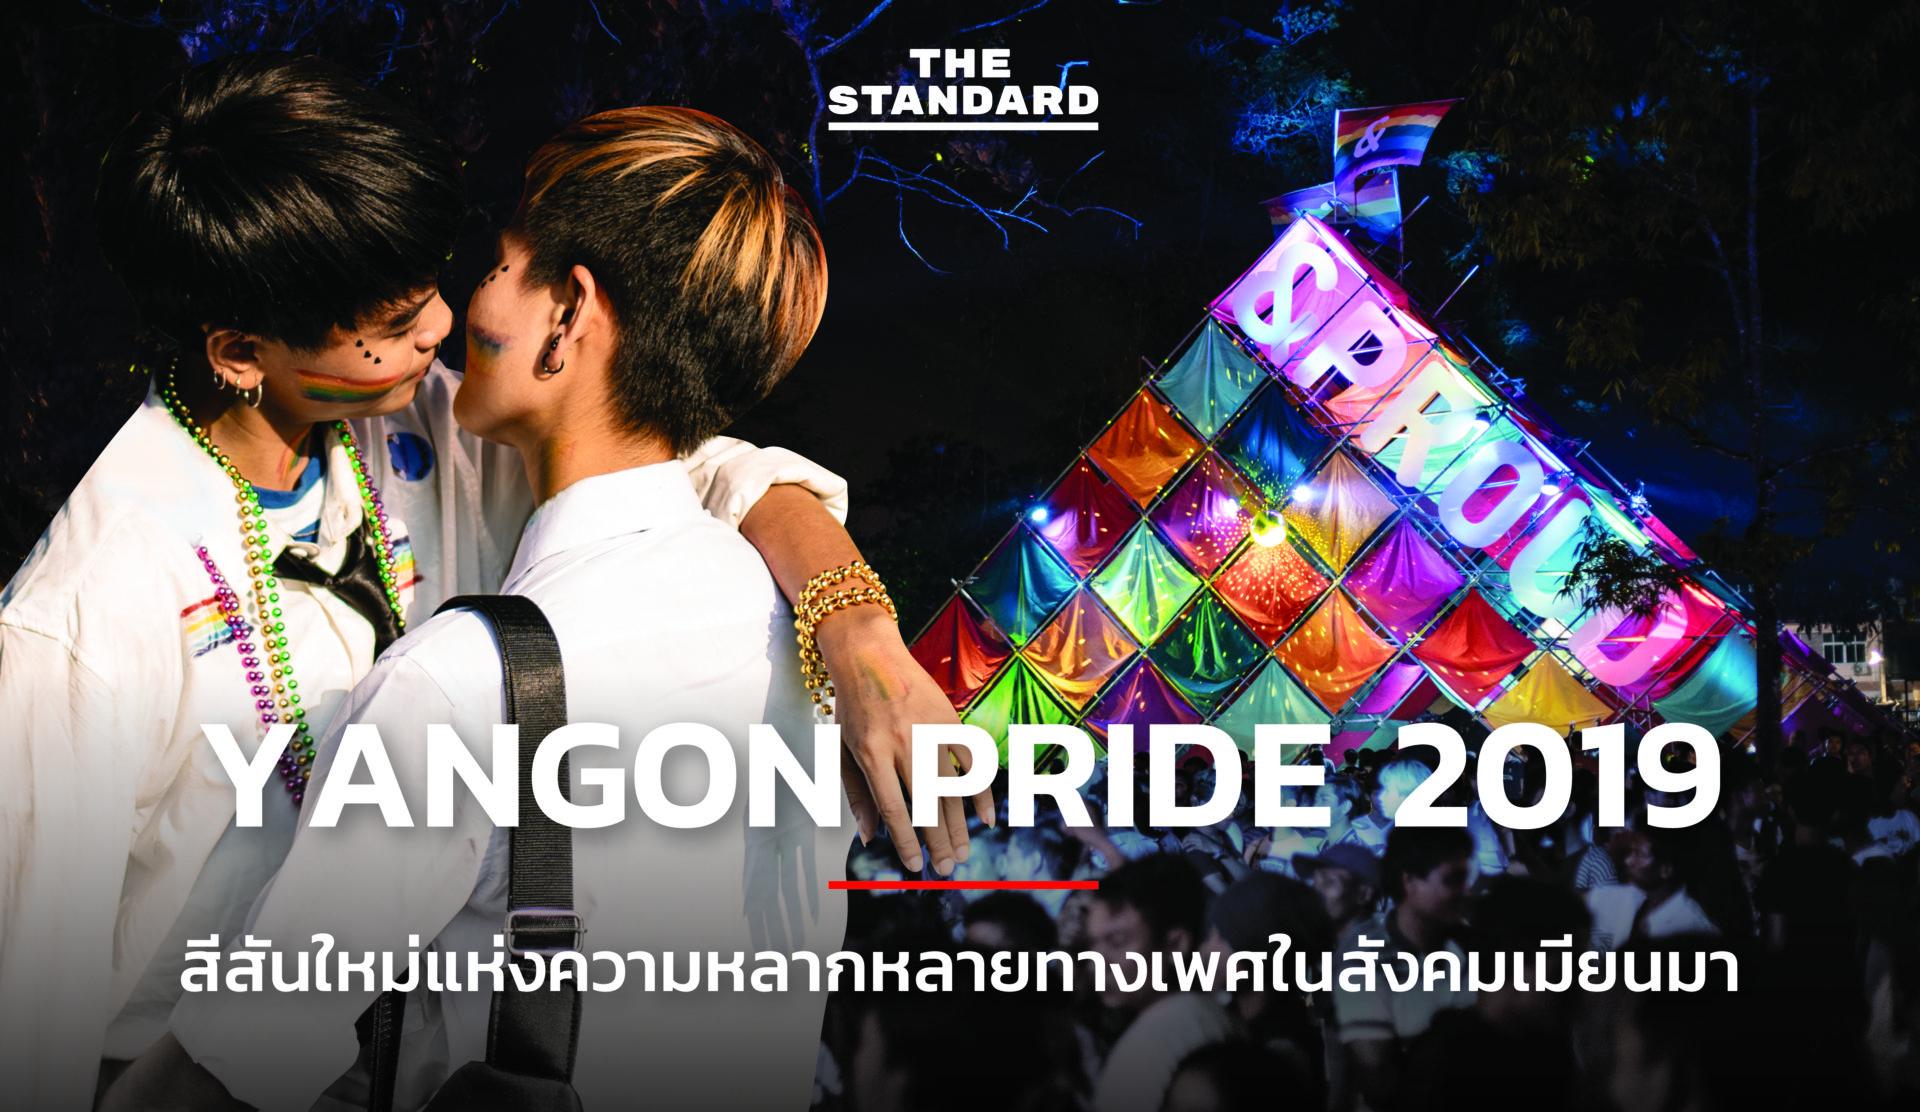 Yangon Pride 2019